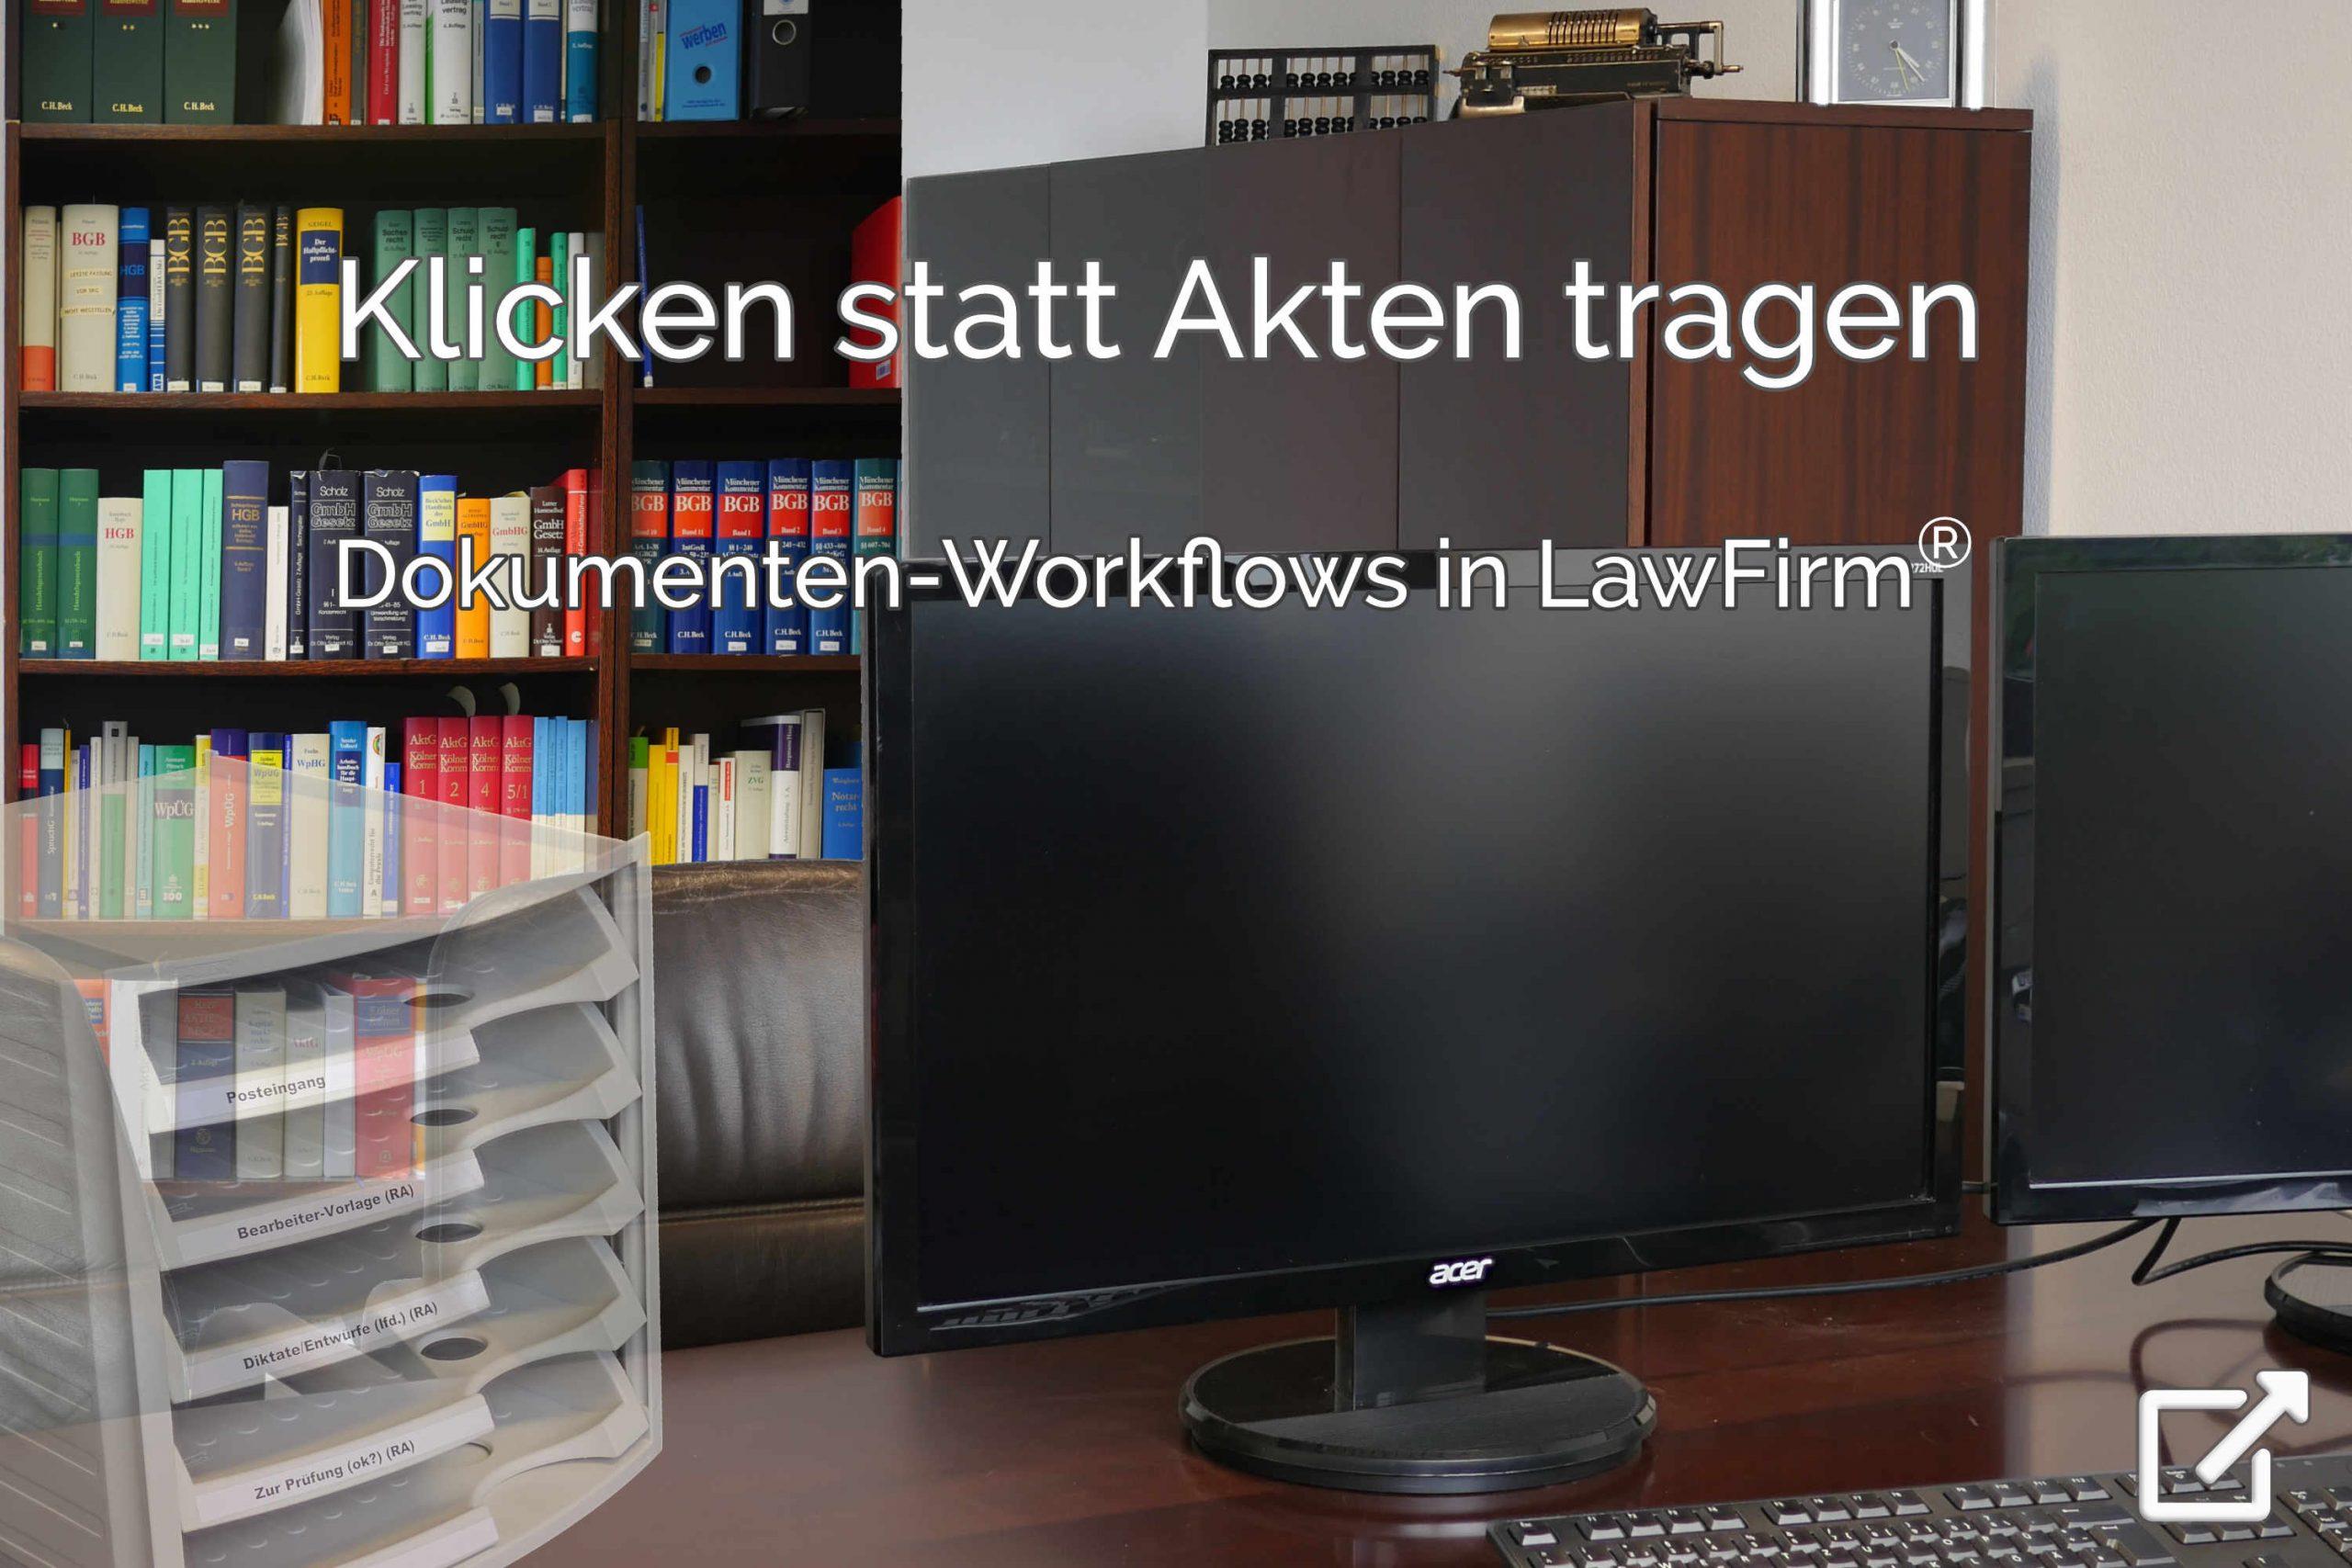 Klicken statt Akten Tragen - bewährter Dokumenten-Workflow in LawFirm (virtuelle Arbeitsmappen, internes Weiterleiten, Verknüpfung von Aufgaben und Dokumenten, Dokumentaufgaben immer im Blick), Dokumentenmanagement, DMS in der Anwaltssoftware